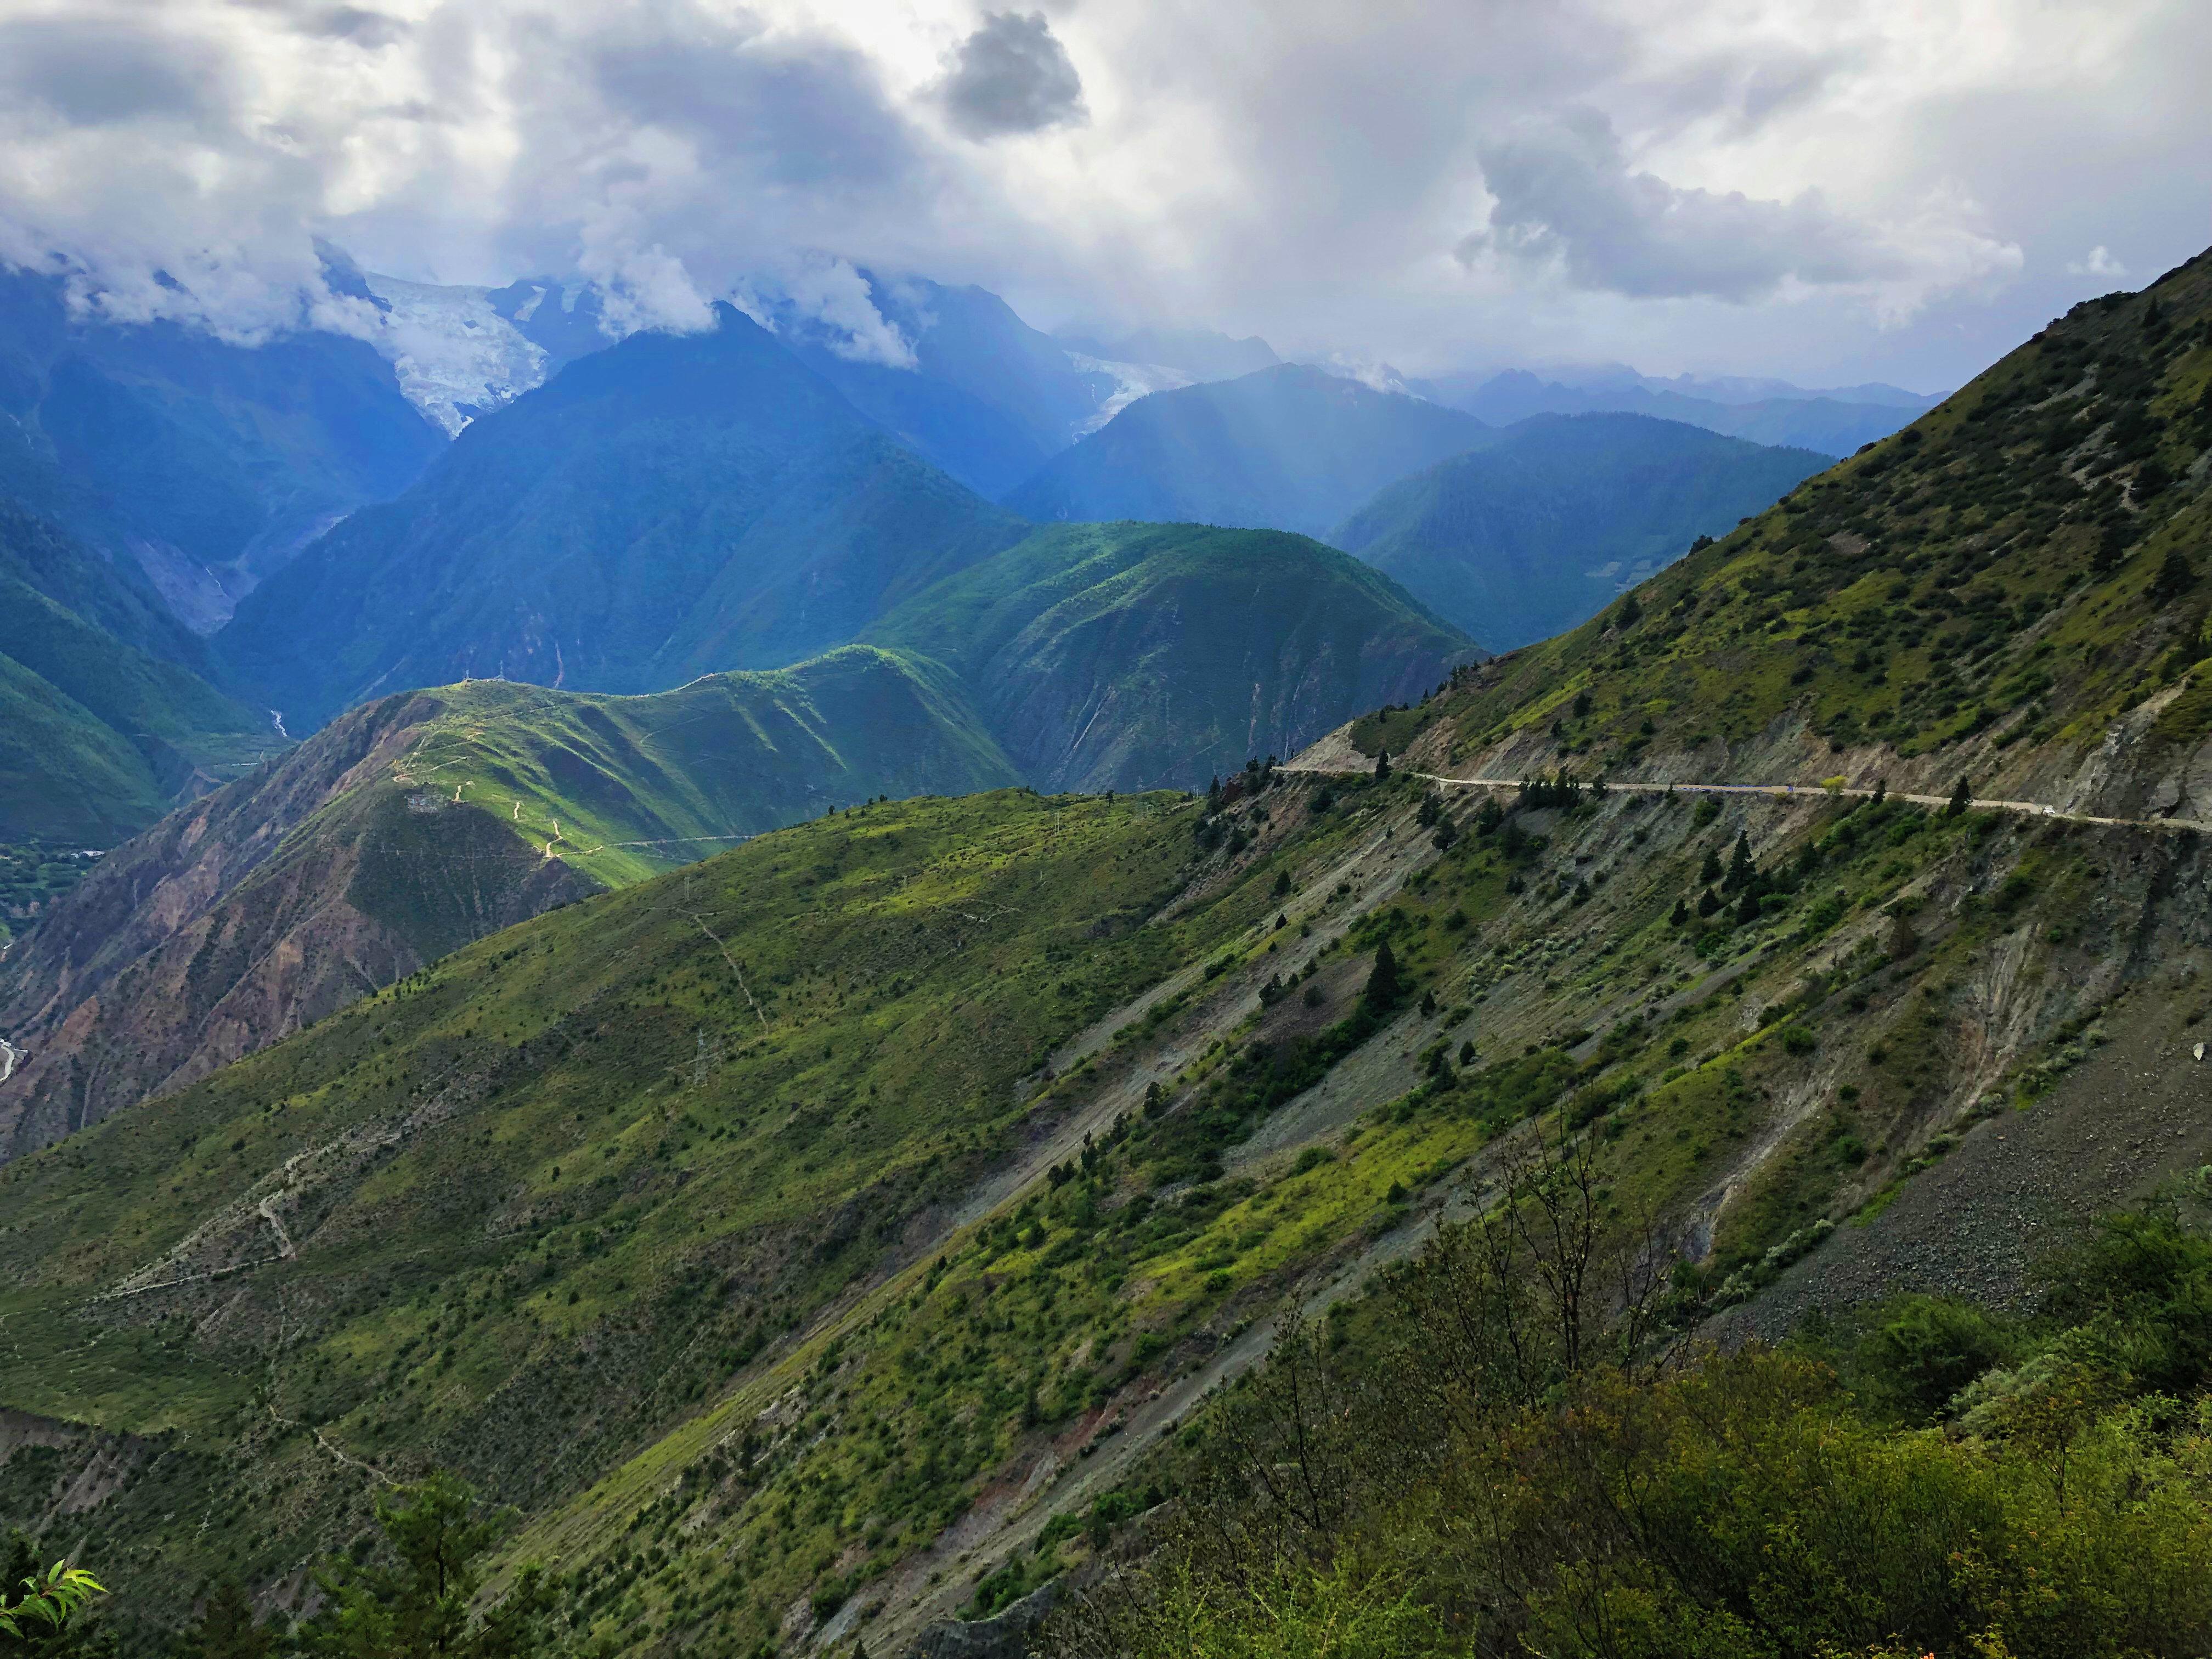 过去云南香格里拉人如果要到达怒江贡山要从香格里拉出发途经大理